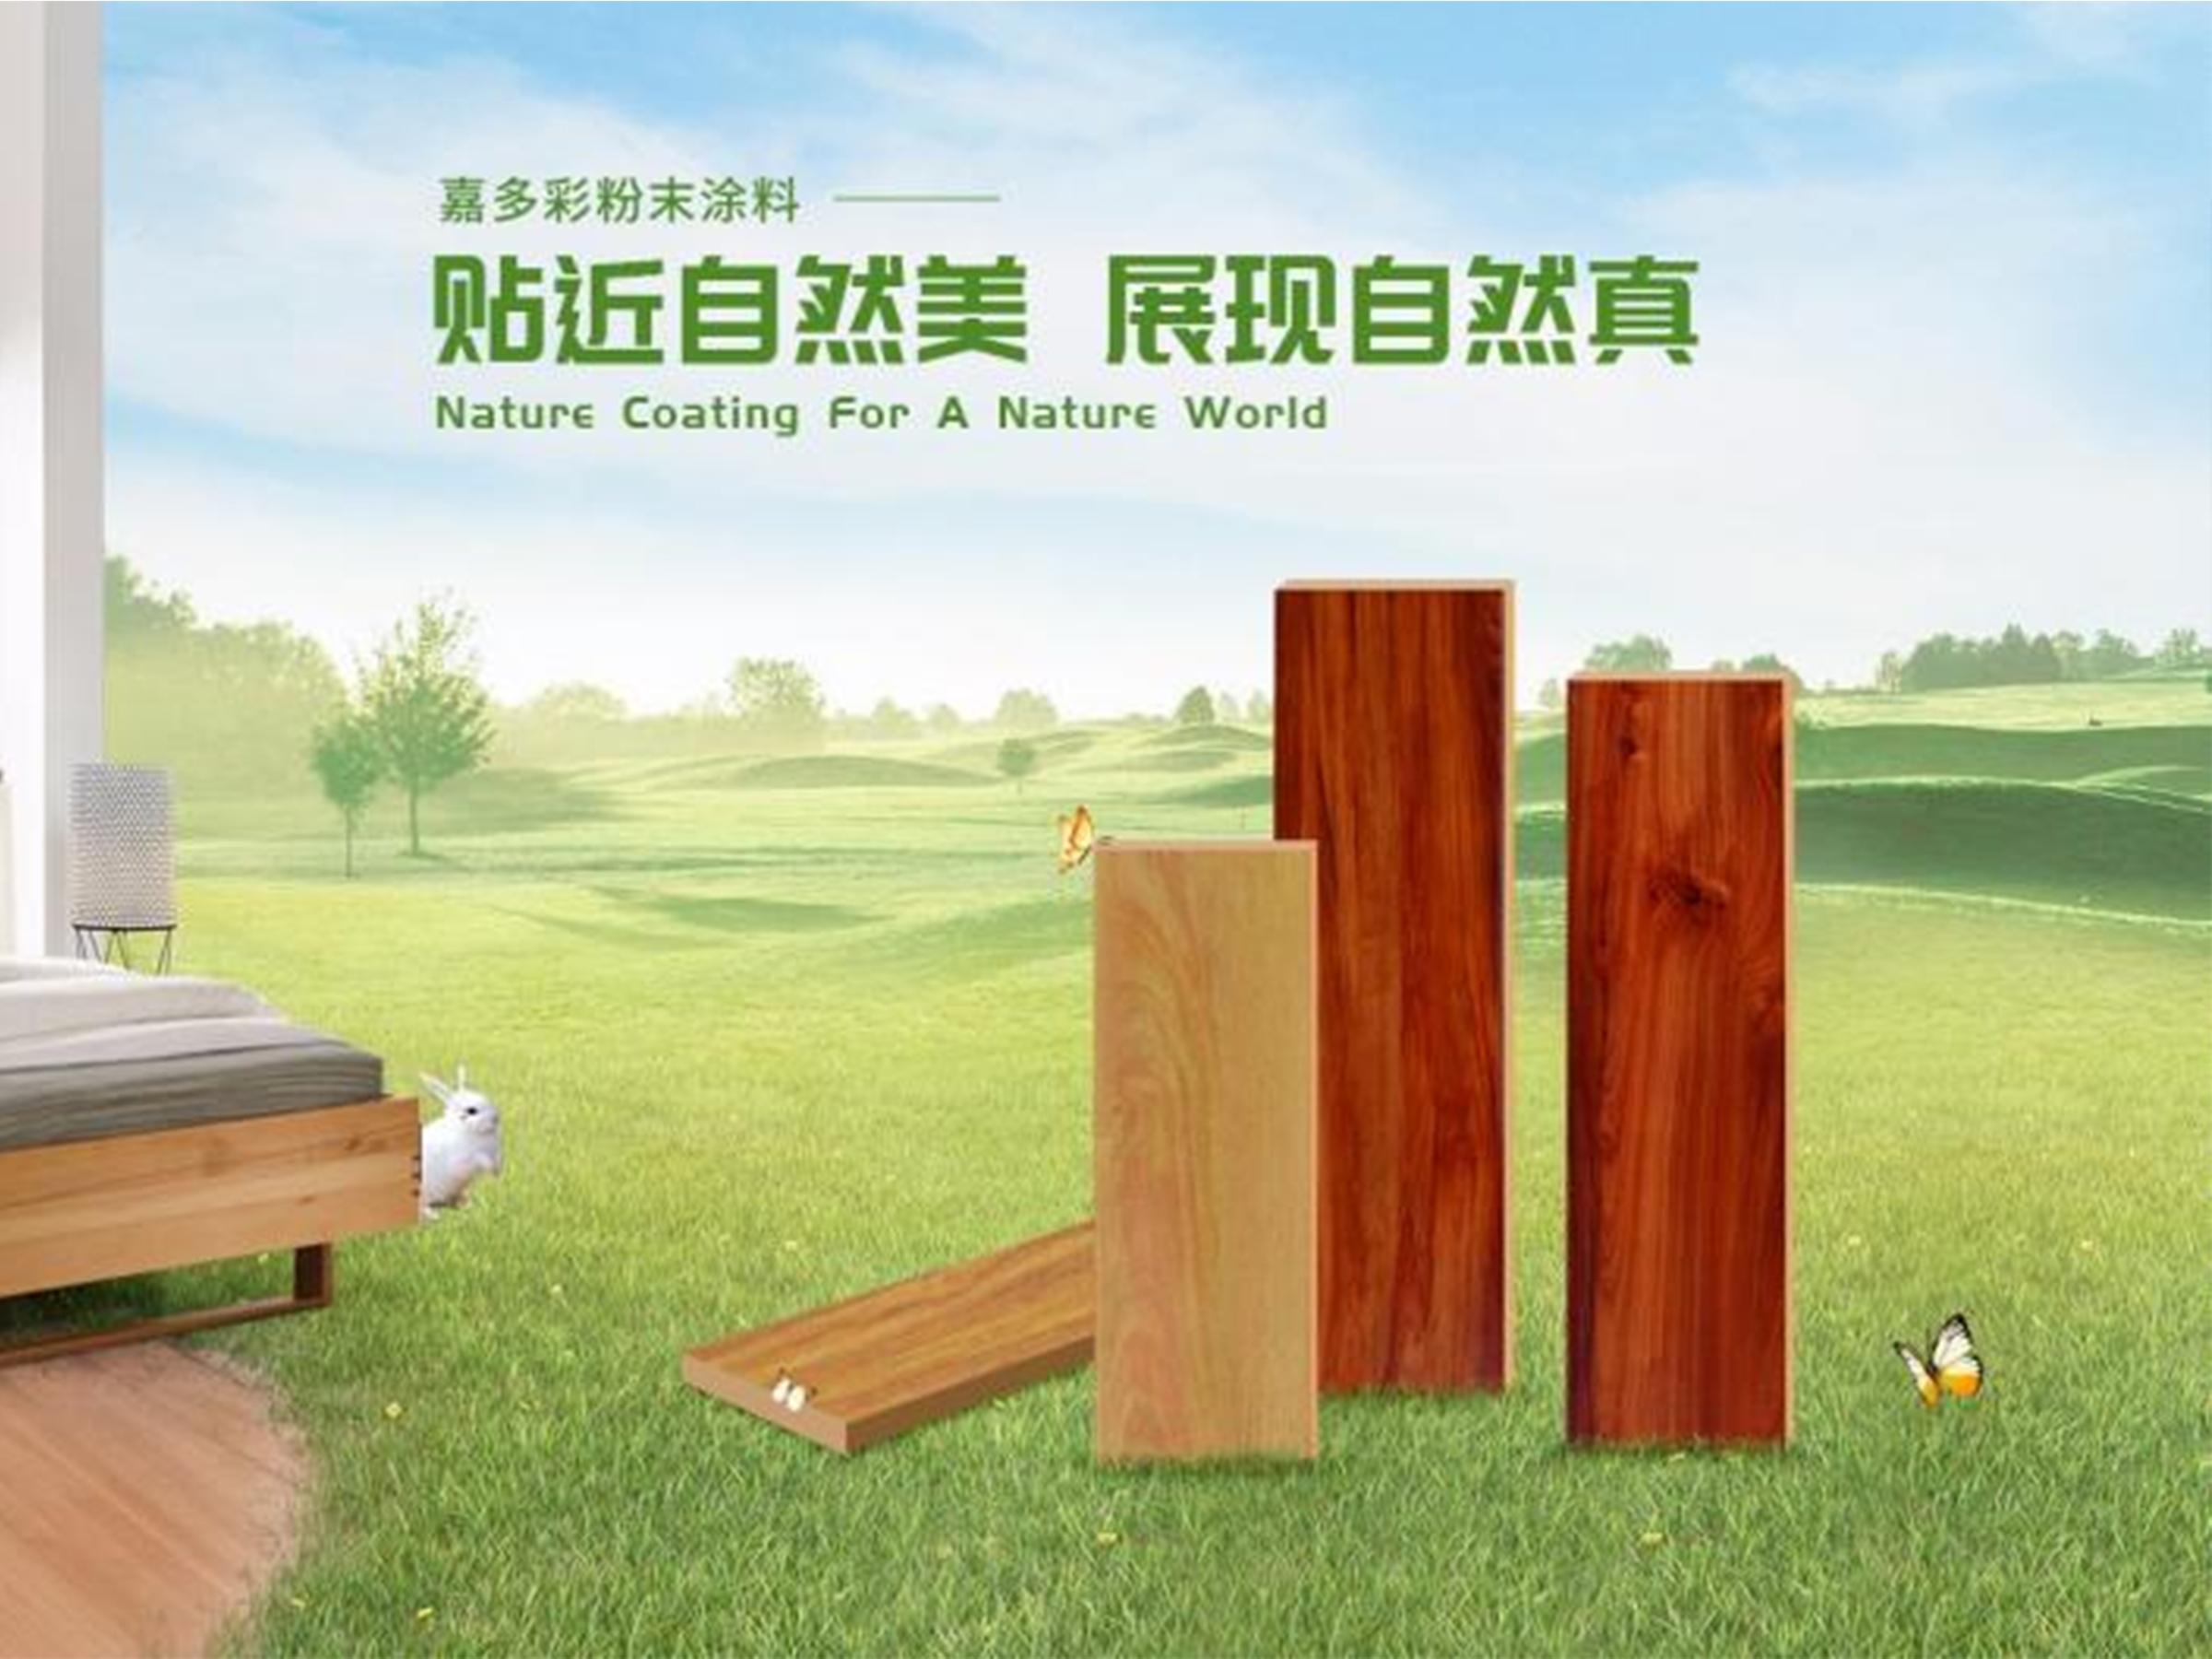 碳中和时代,嘉多彩用专业产品和服务为绿色环保添砖加瓦